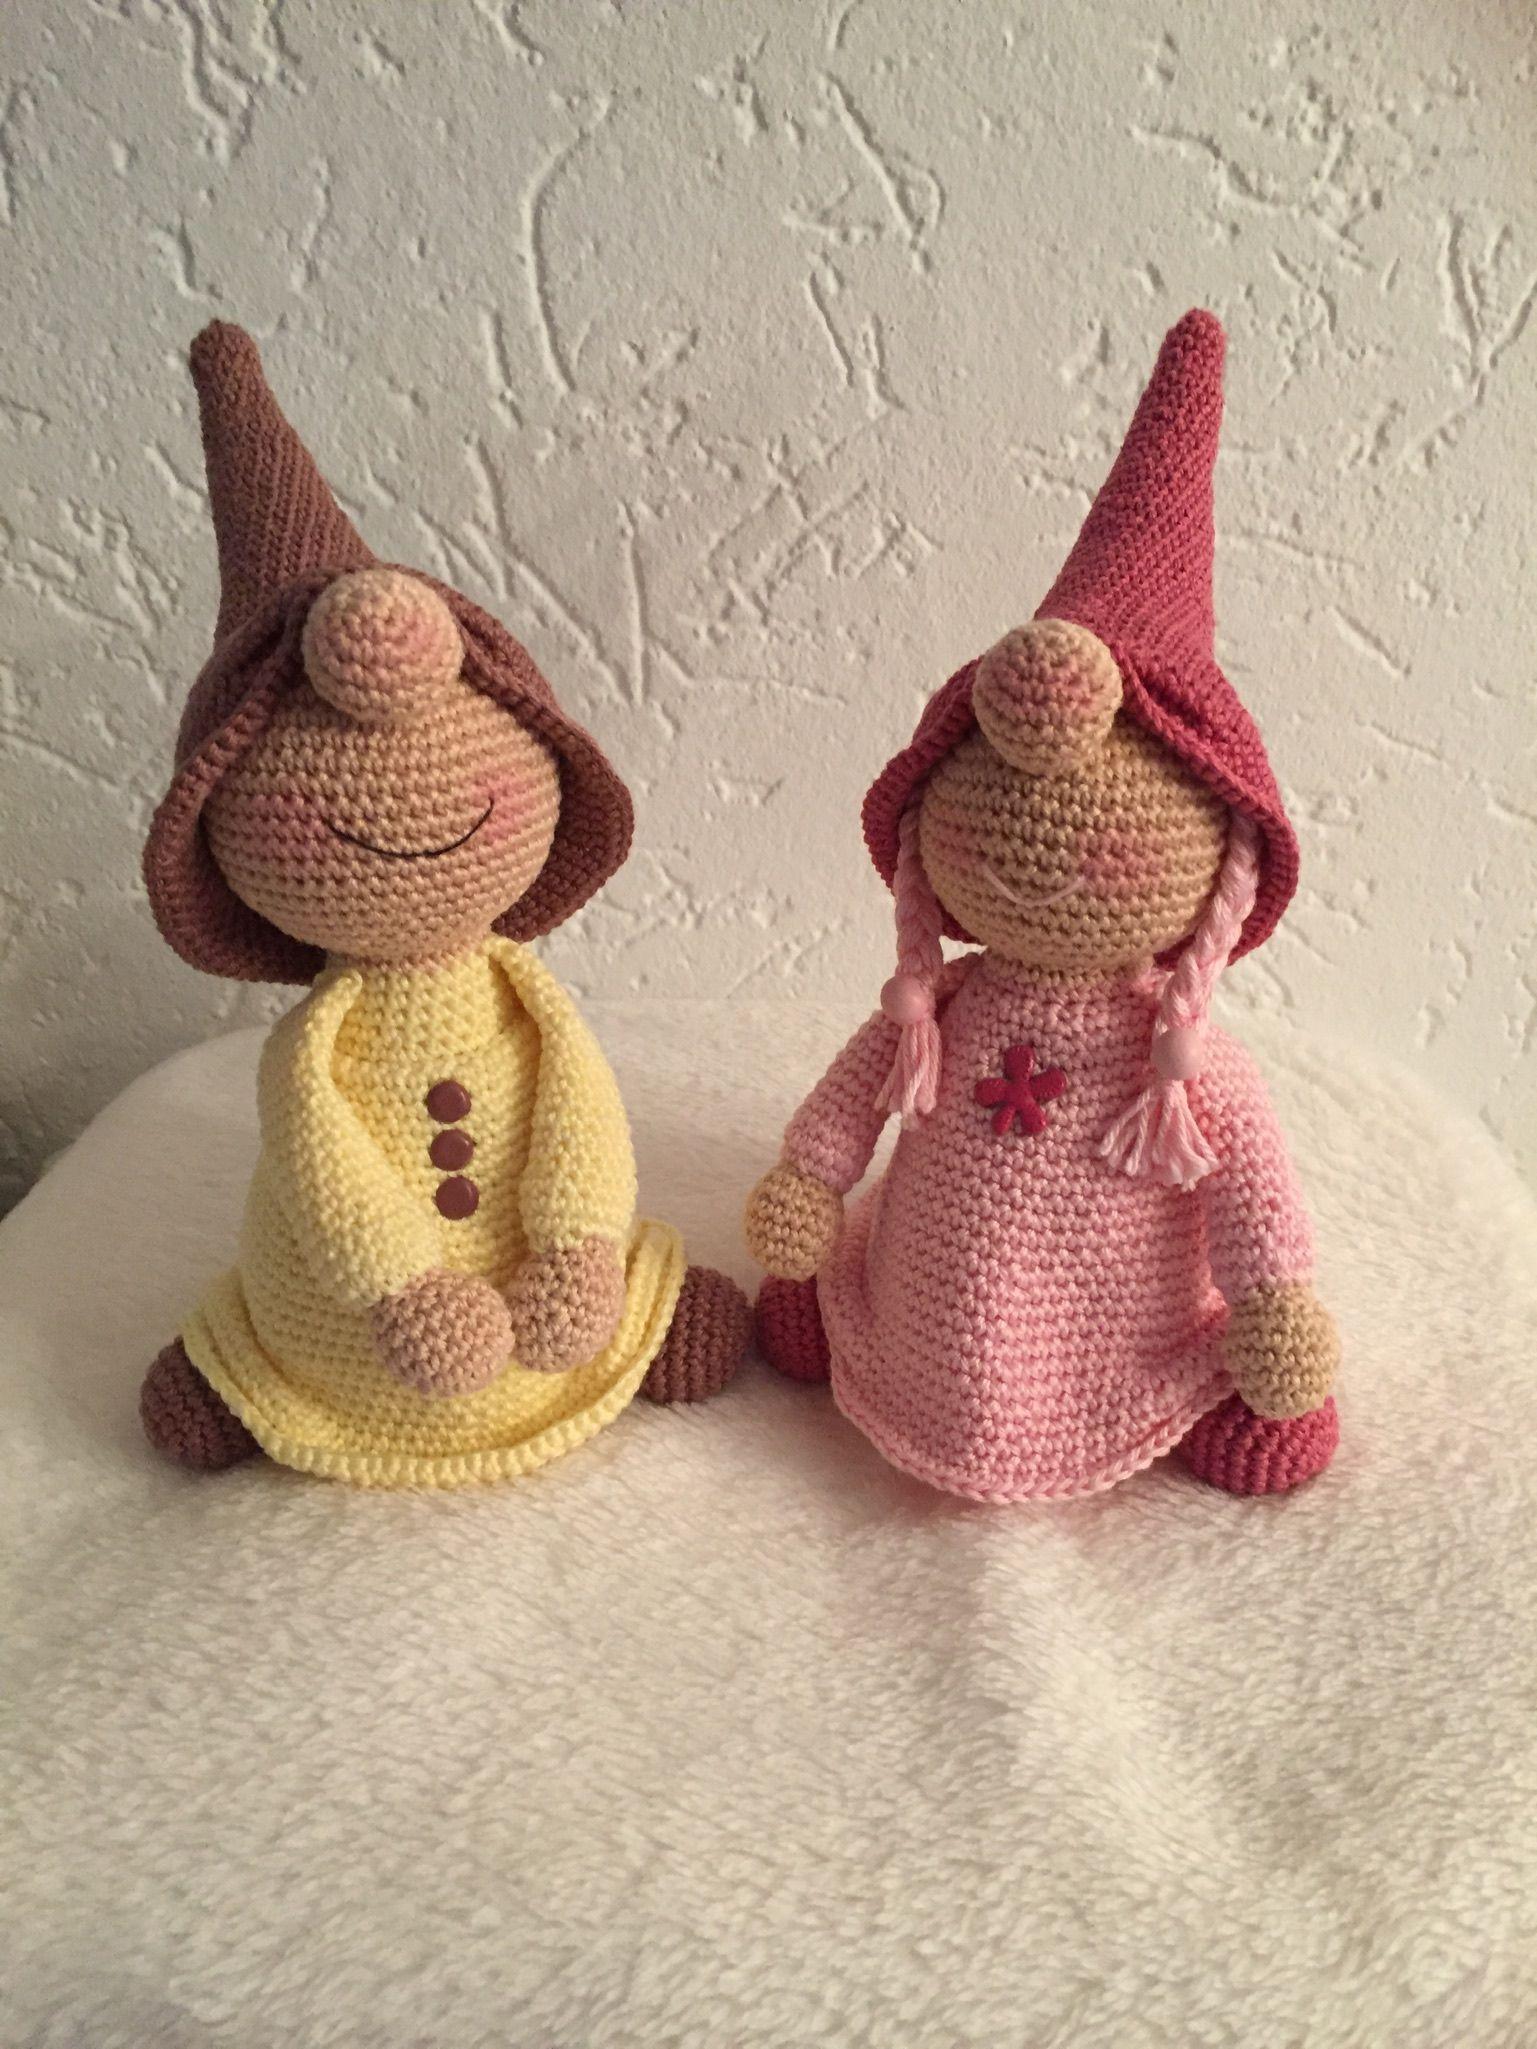 Amigurumi Crochet Amineko - Arte en Mercado Libre Argentina | 2049x1537